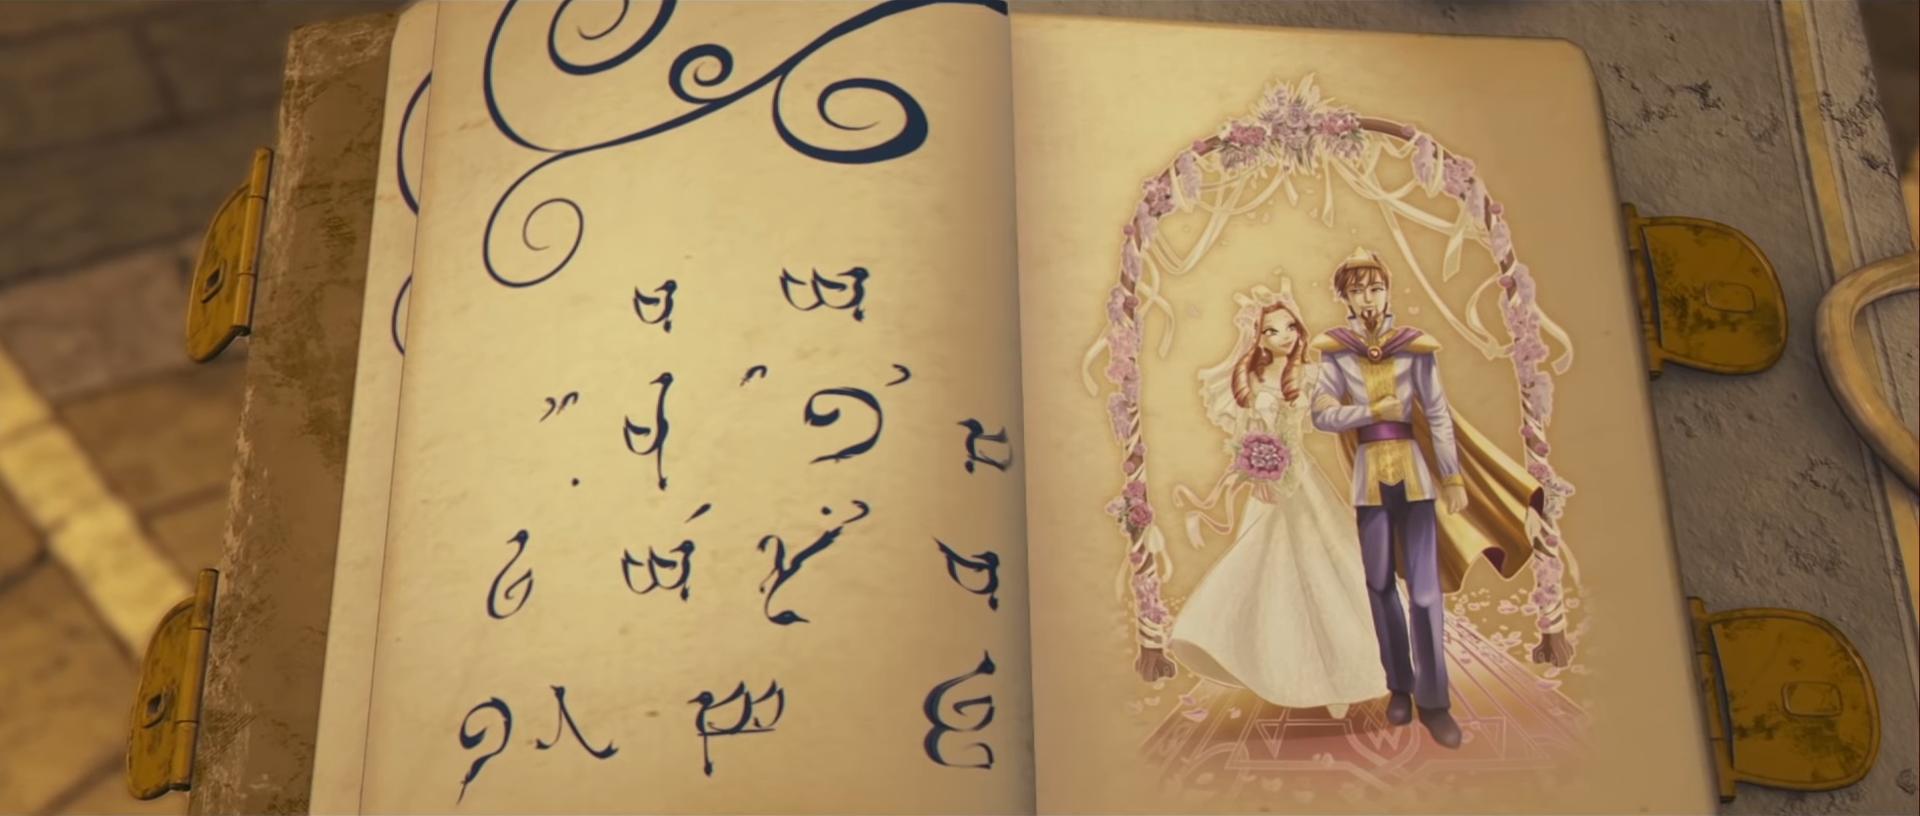 Oritel und Marions Hochzeit im Buch des Schicksals 01.png